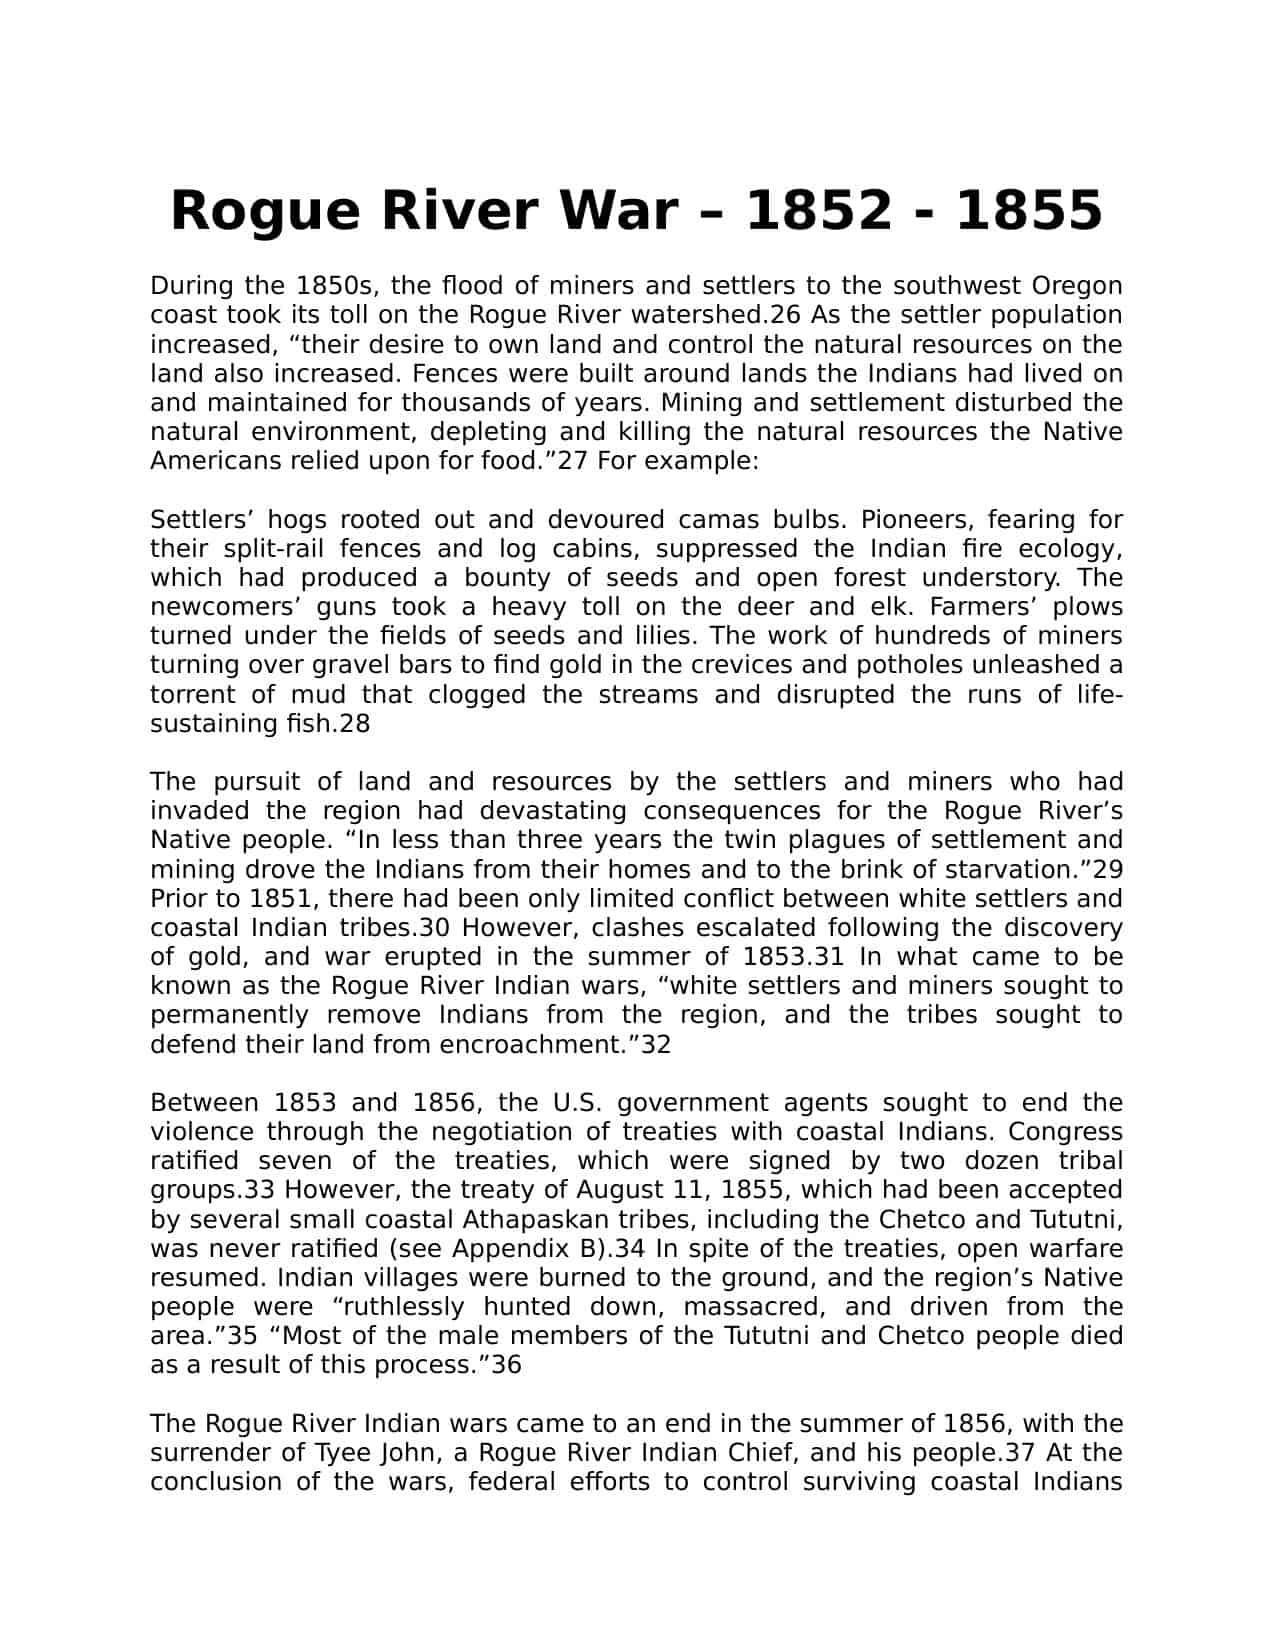 Rogue River War Worksheet